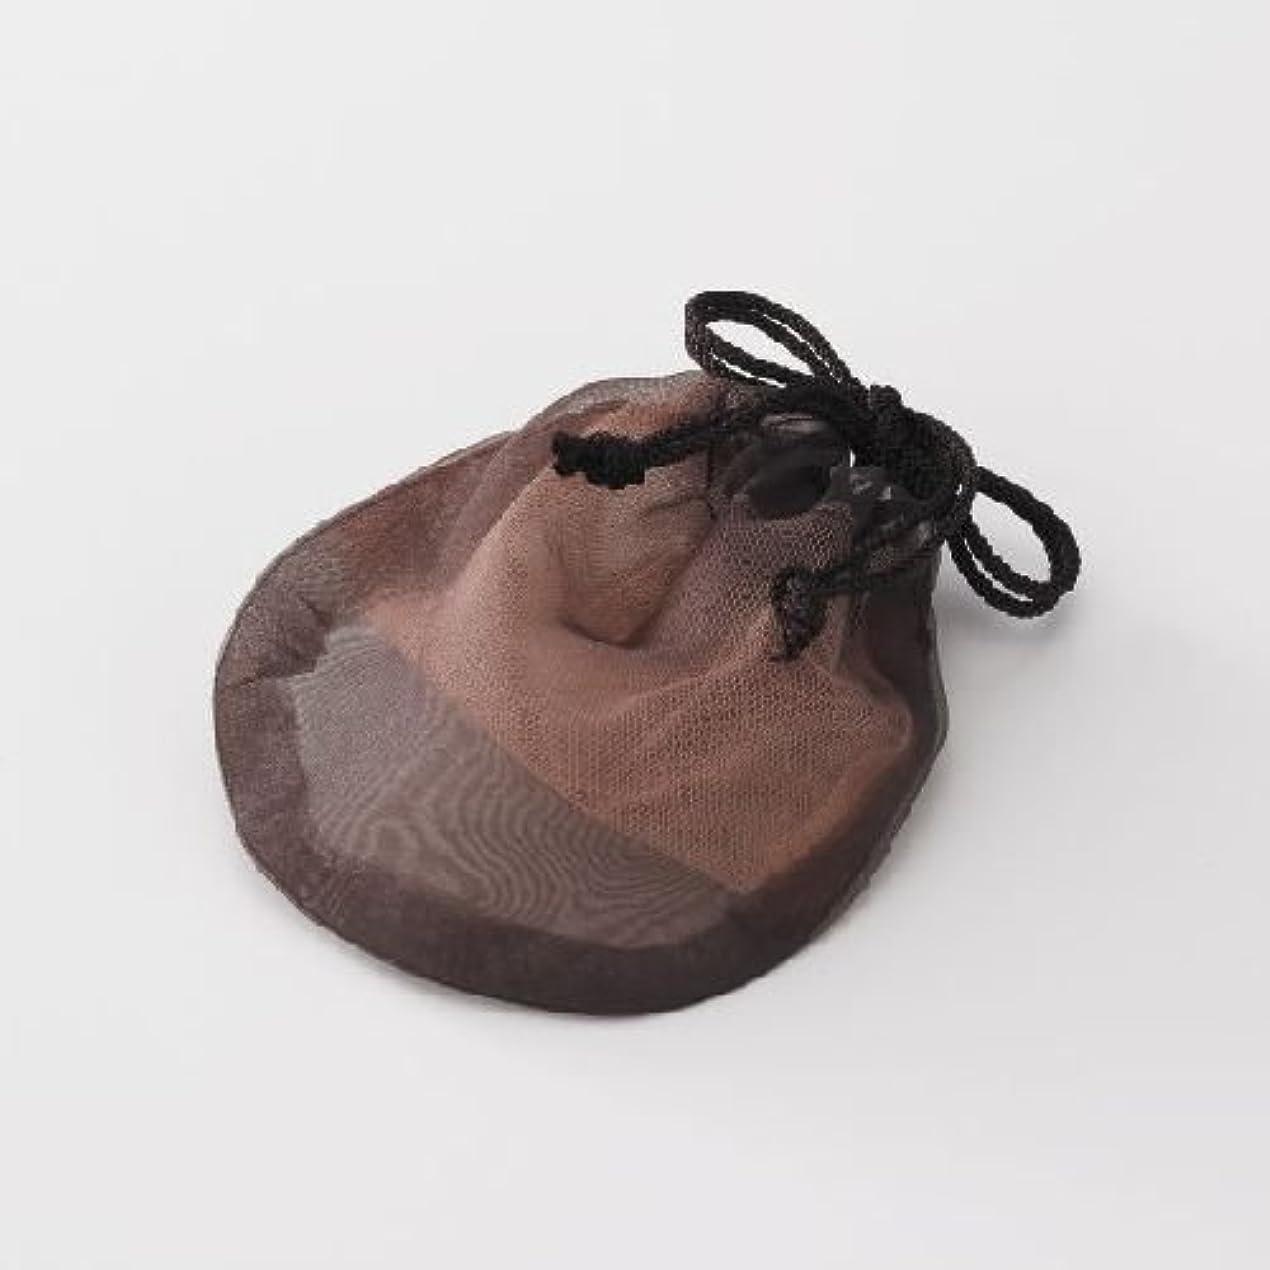 草推論を通してピギーバックス ソープネット 瞬時にマシュマロのようなお肌に負担をかけないキメ細かな泡をつくることができるオシャレなポーチ型オリジナル【泡だてネット】!衛生的に固形石鹸の保存もできます。